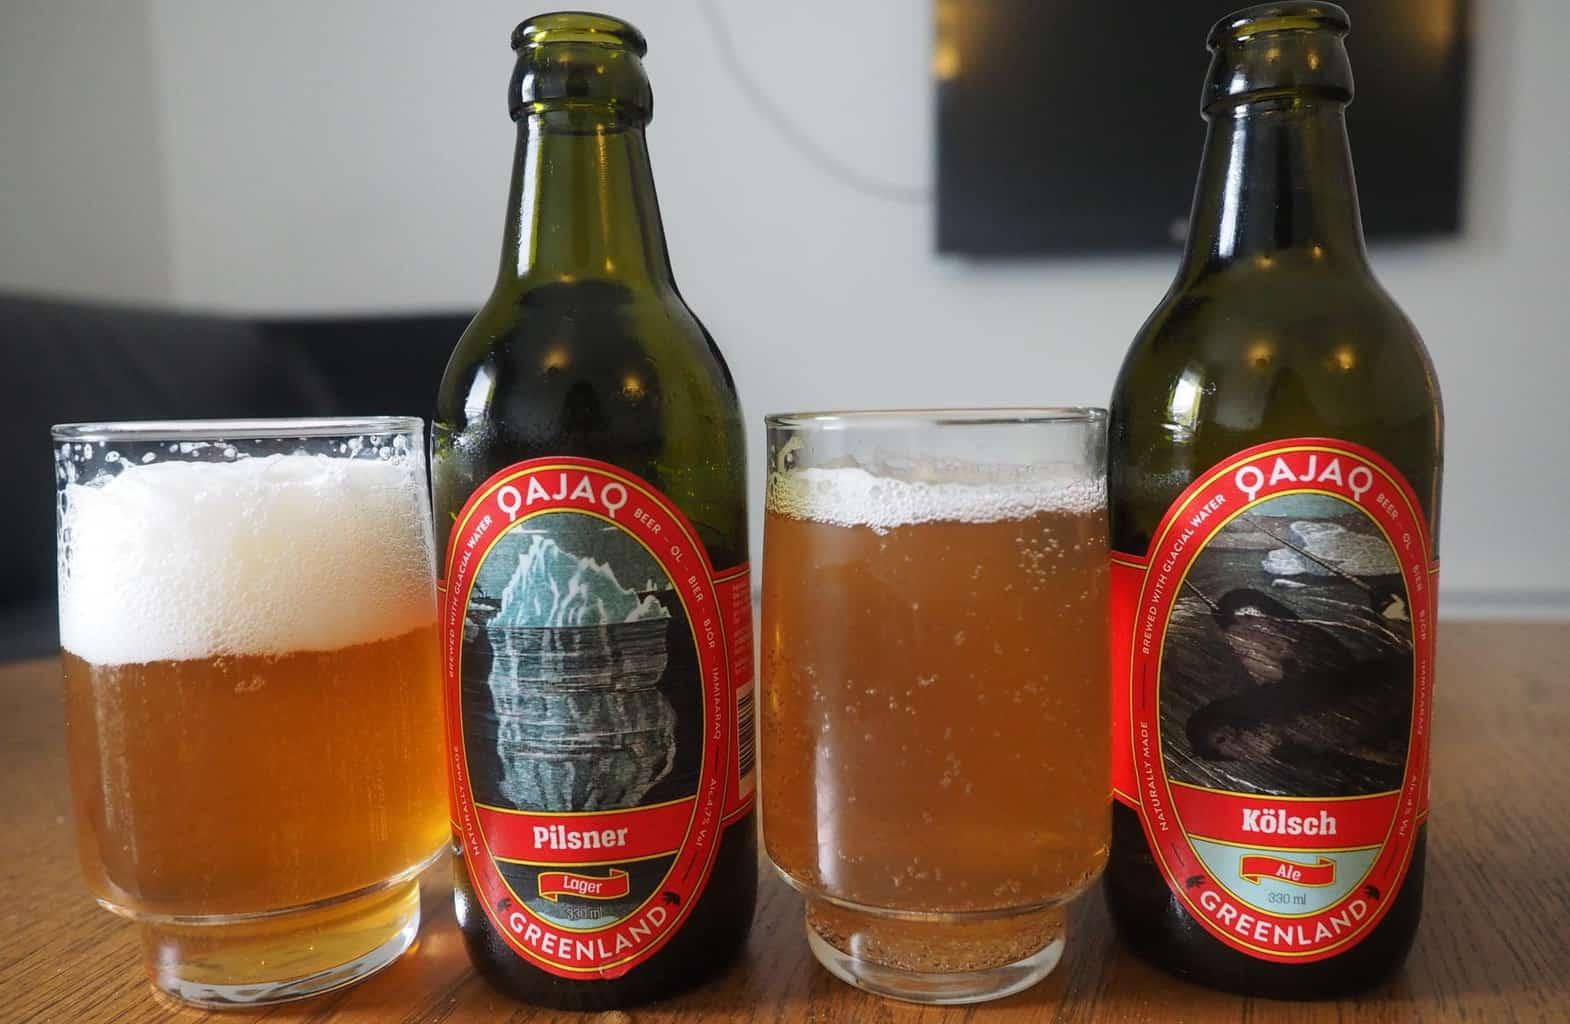 Greenland beer